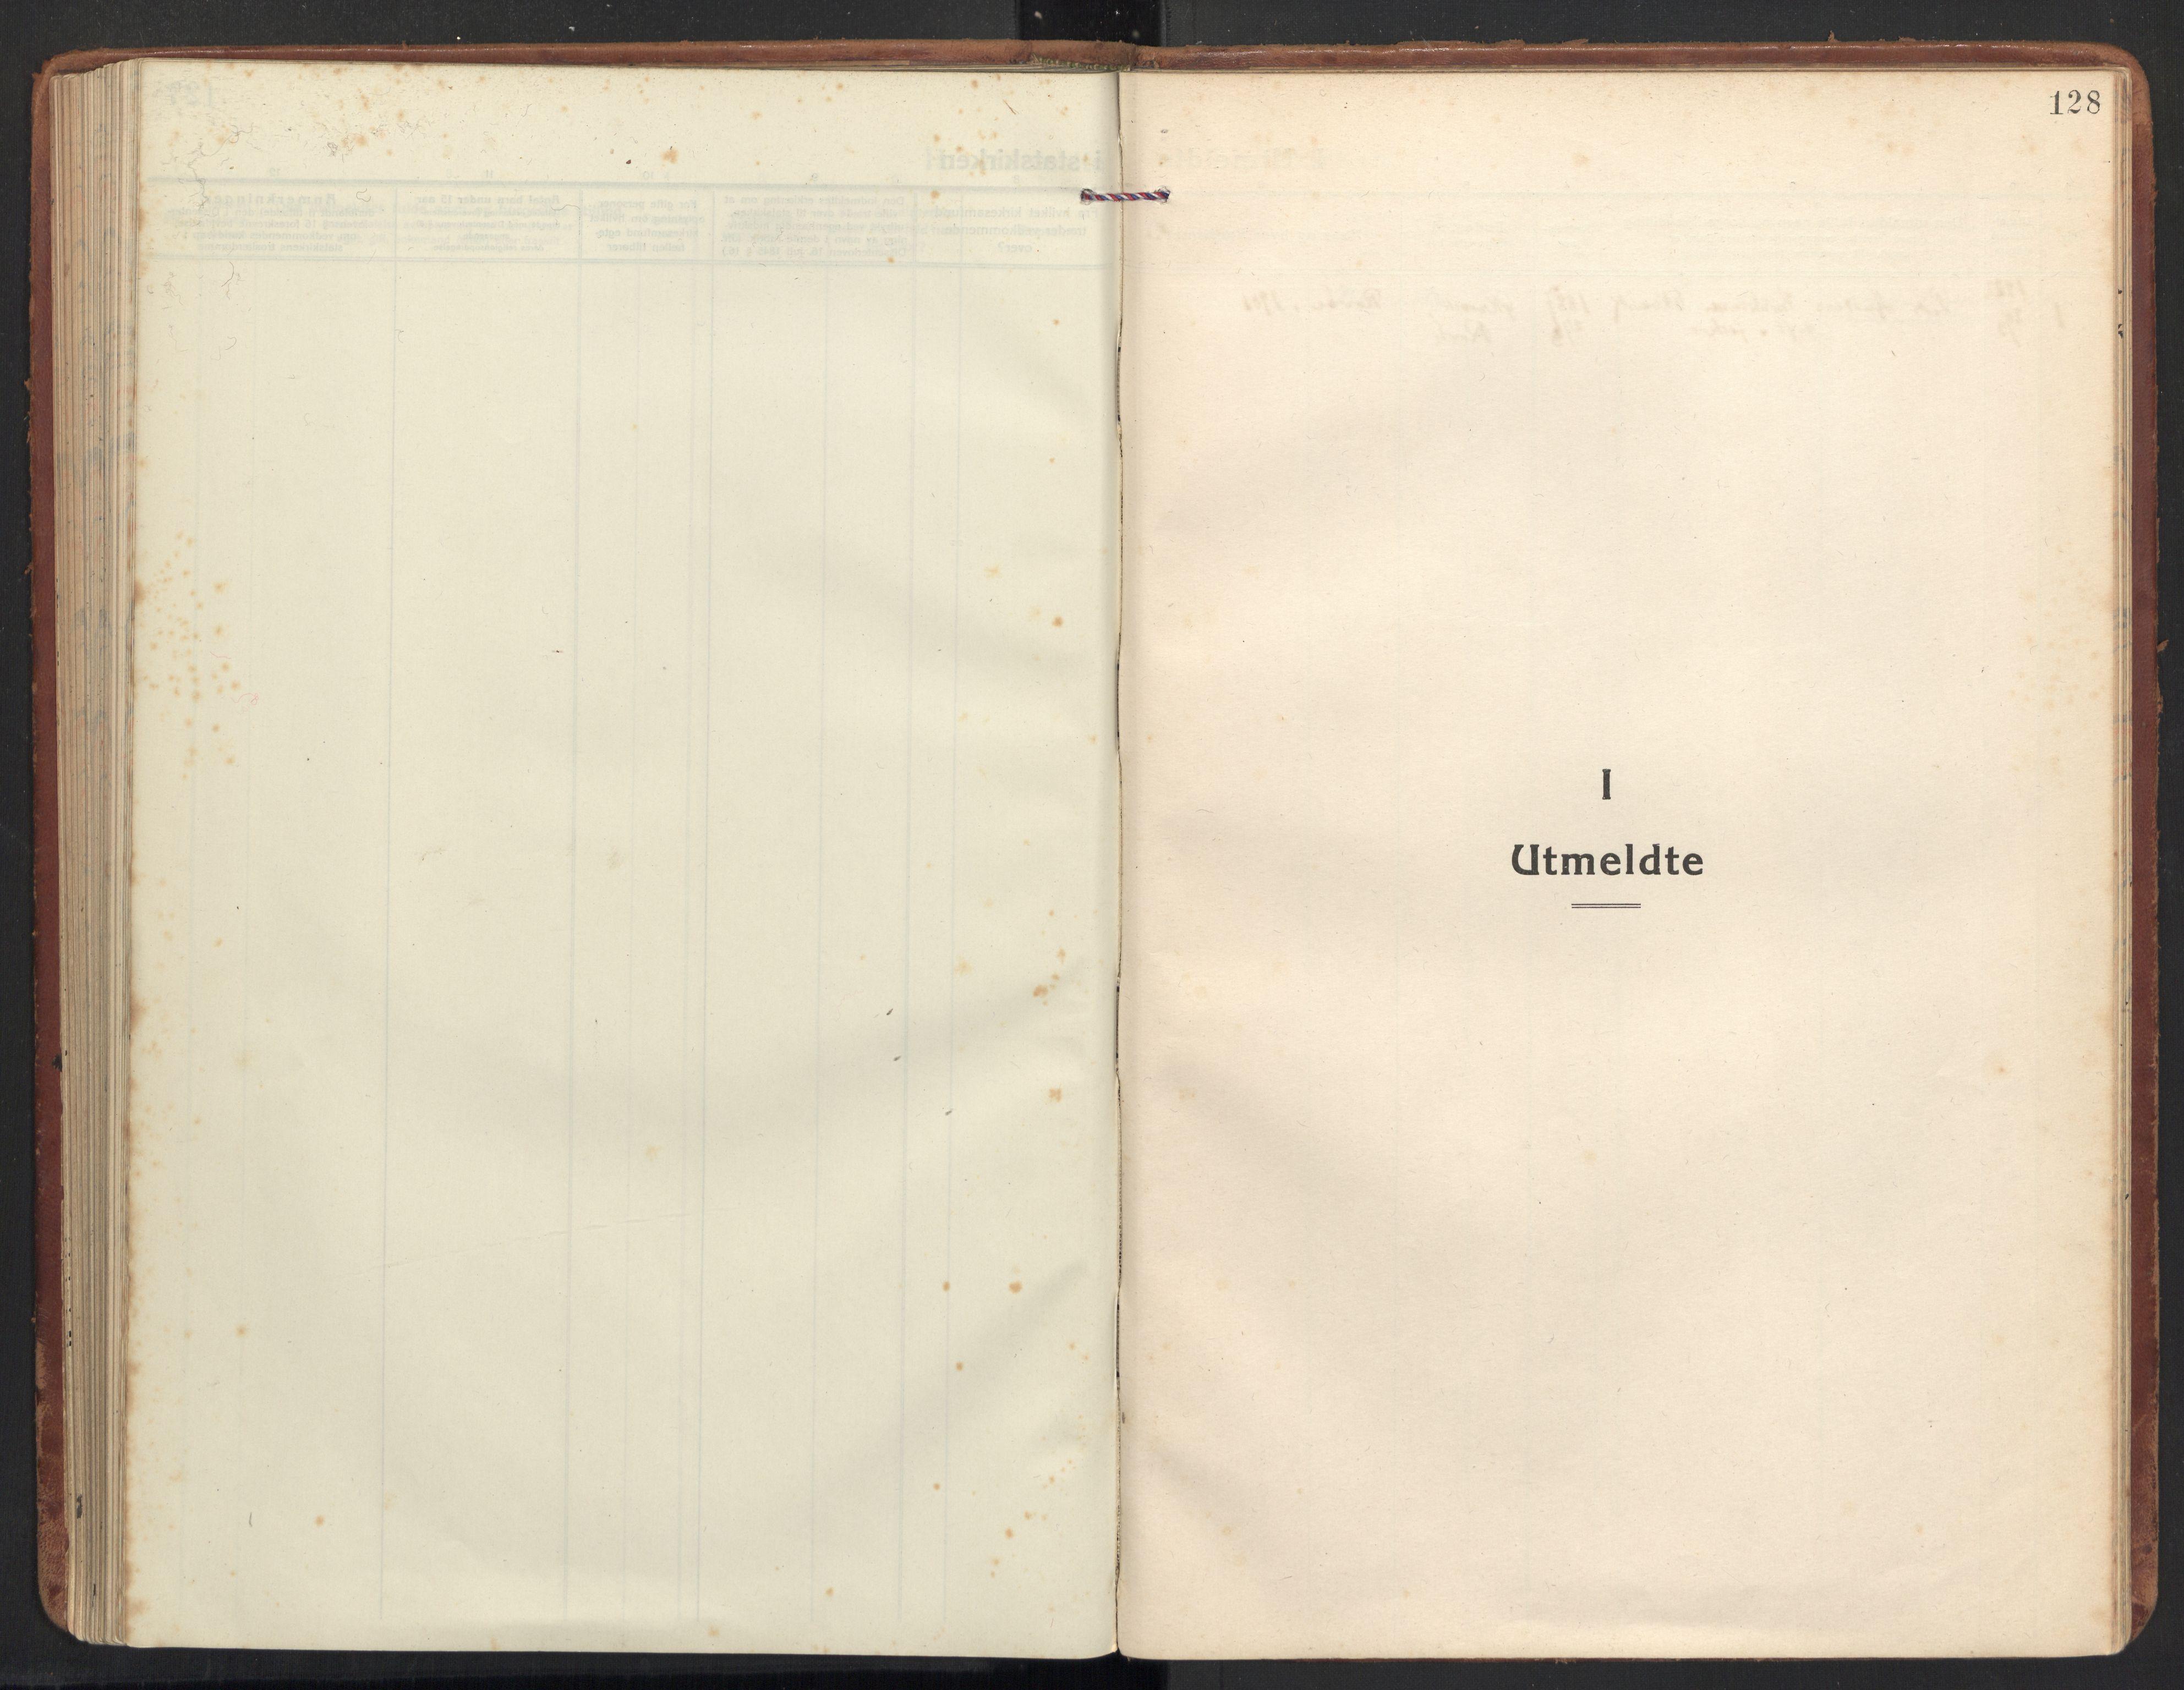 SAT, Ministerialprotokoller, klokkerbøker og fødselsregistre - Møre og Romsdal, 504/L0058: Ministerialbok nr. 504A05, 1920-1940, s. 128